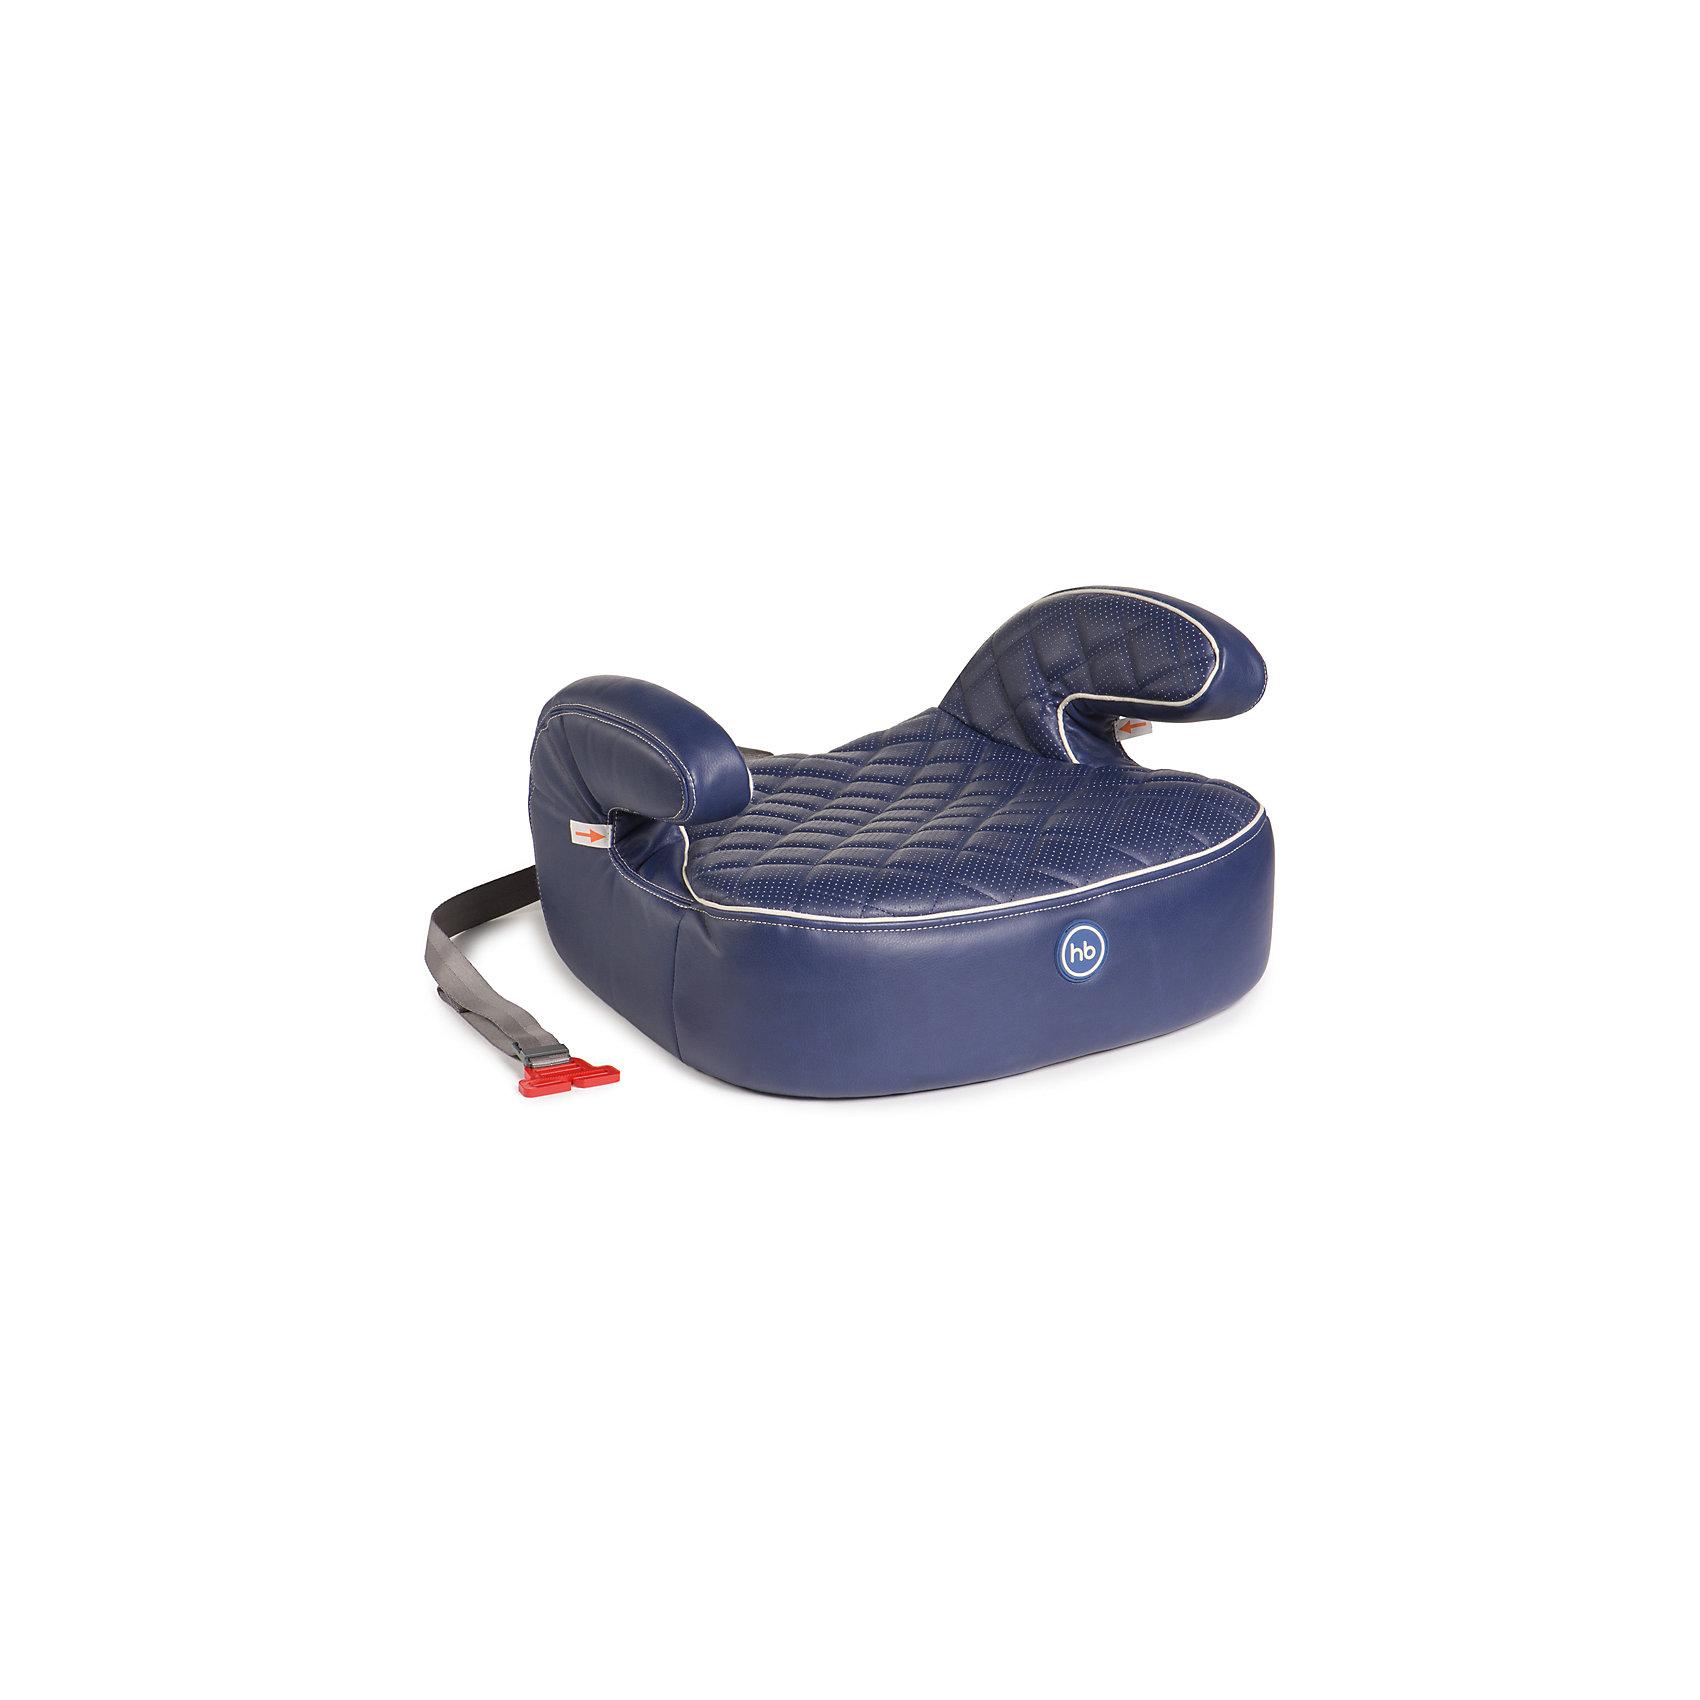 Автокресло-бустер Rider Deluxe, 15-36 кг., Happy Baby, синийБустер без спинки с мягкими подлокотниками. Форма бустера RIDER<br>обеспечивает правильное положение в дороге, комфорт и максимальную<br>безопасность. Двойная стёжка придаёт особую мягкость и делает<br>сиденье уютным и комфортным для ребёнка. Материал бустера стоек<br>к истиранию, прекрасно держит форму при сминании.  Чехол из экокожи<br>прост в уходе, при необходимости легко снимается для стирки. Крепится<br>в автомобиле штатными трёхточечными ремнями безопасности. Бустер<br>устанавливается лицом по ходу движения автомобиля.<br><br>Дополнительная информация:<br><br>Позволяет полноценно пристегнуть ребенка штатным ремнем безопасности автомобиля<br>Съемный чехол из экокожи<br>СОСТАВ<br>Каркас: пенополипропилен<br>Тканые материалы: 100% полиэстер, 100% полиуретан<br>Вес ребенка: до 36 кг<br>Габариты автокресла (ВхШхГ): 22,5*42*42 см<br>Ширина посадочного места: 28 см<br>Глубина посадочного места: 40 см<br>Вес автокресла: 1,8 кг<br>Крепится штатным ремнем безопасности: да<br><br>Автокресло-бустер Rider Deluxe, 15-36 кг., Happy Baby, голубой можно купить в нашем магазине.<br><br>Ширина мм: 370<br>Глубина мм: 520<br>Высота мм: 790<br>Вес г: 2275<br>Цвет: синий<br>Возраст от месяцев: 72<br>Возраст до месяцев: 144<br>Пол: Унисекс<br>Возраст: Детский<br>SKU: 4580588